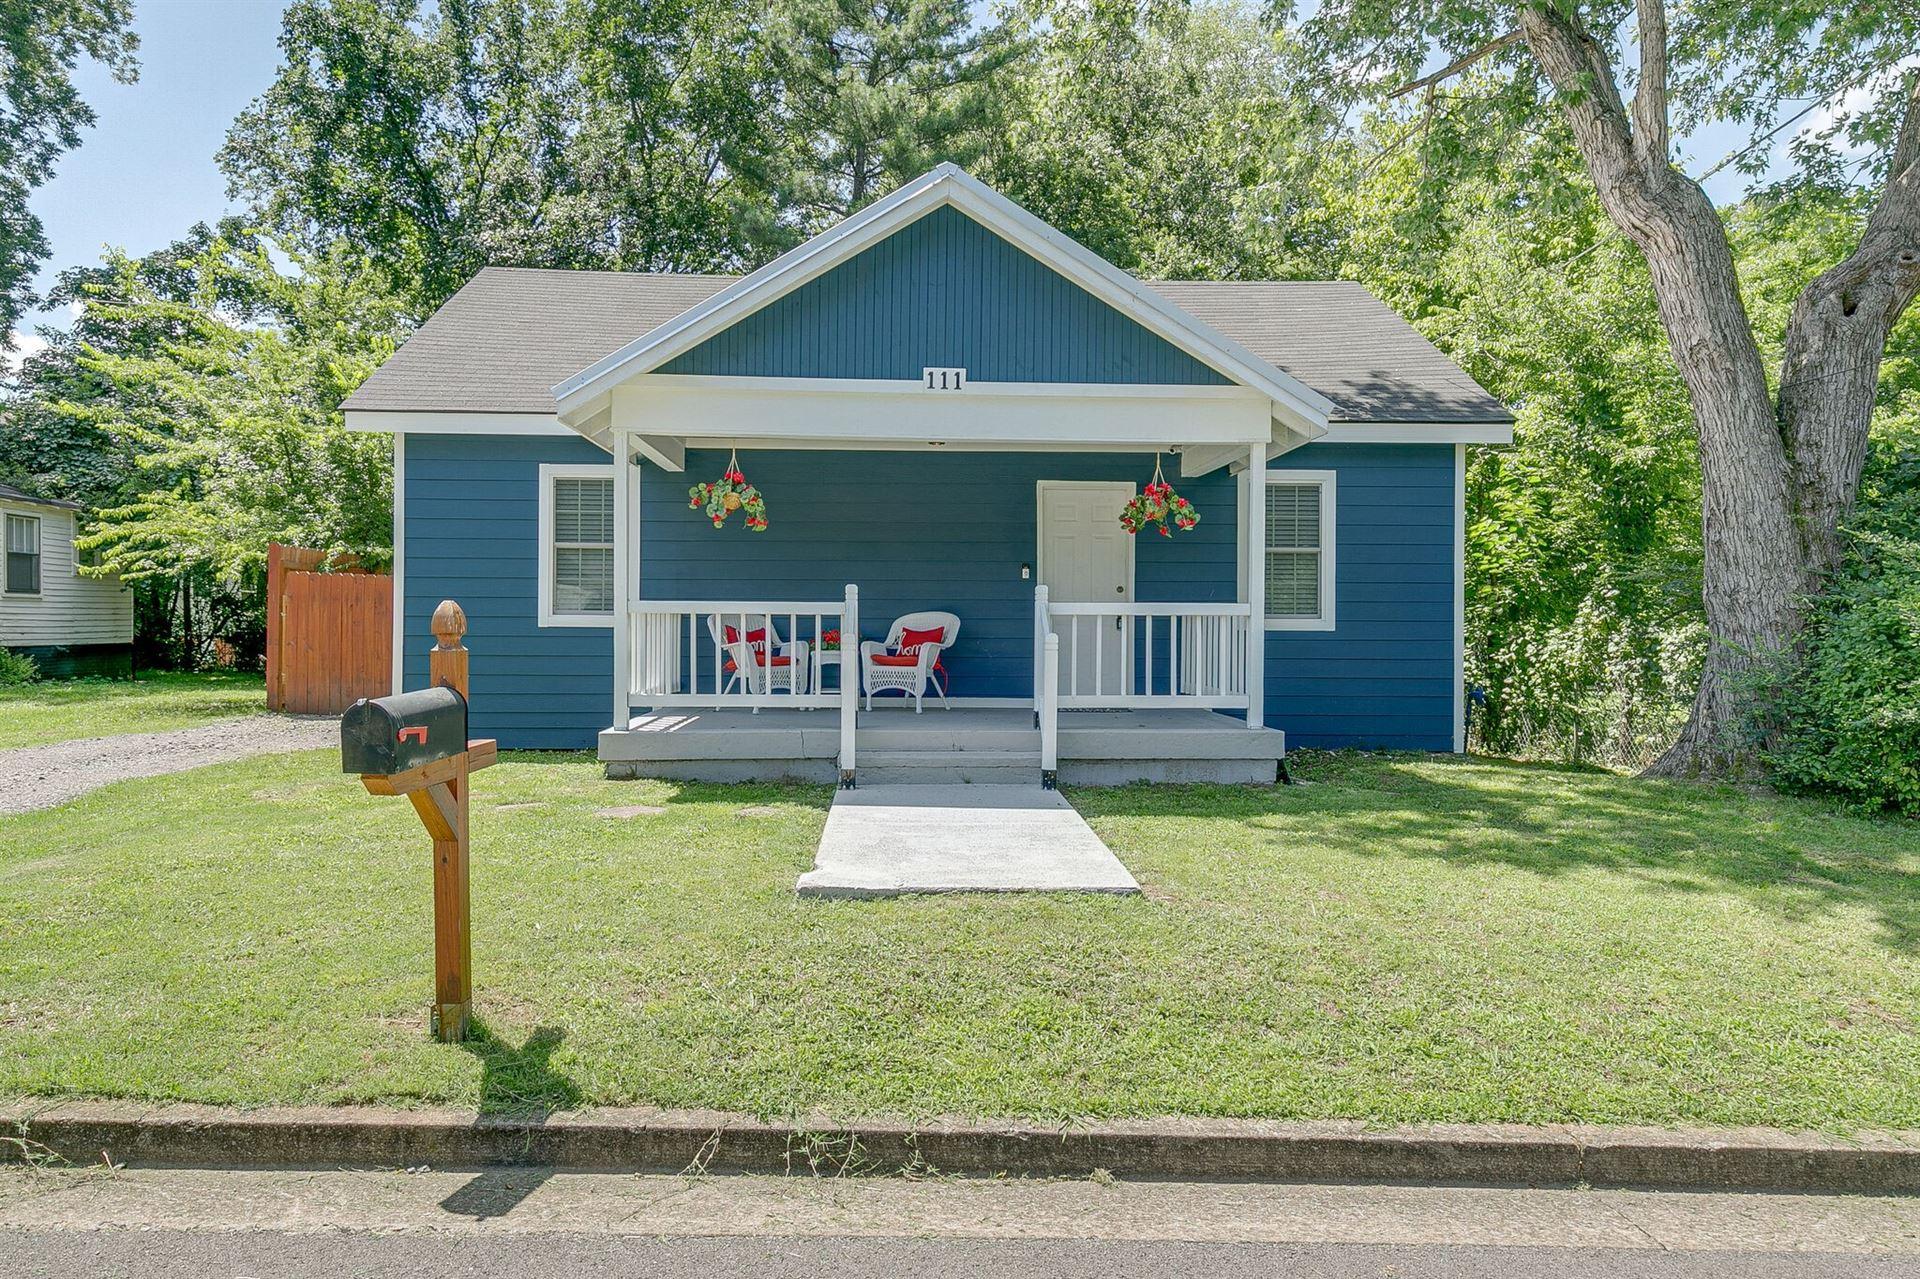 111 W Oak St, Murfreesboro, TN 37130 - MLS#: 2177404